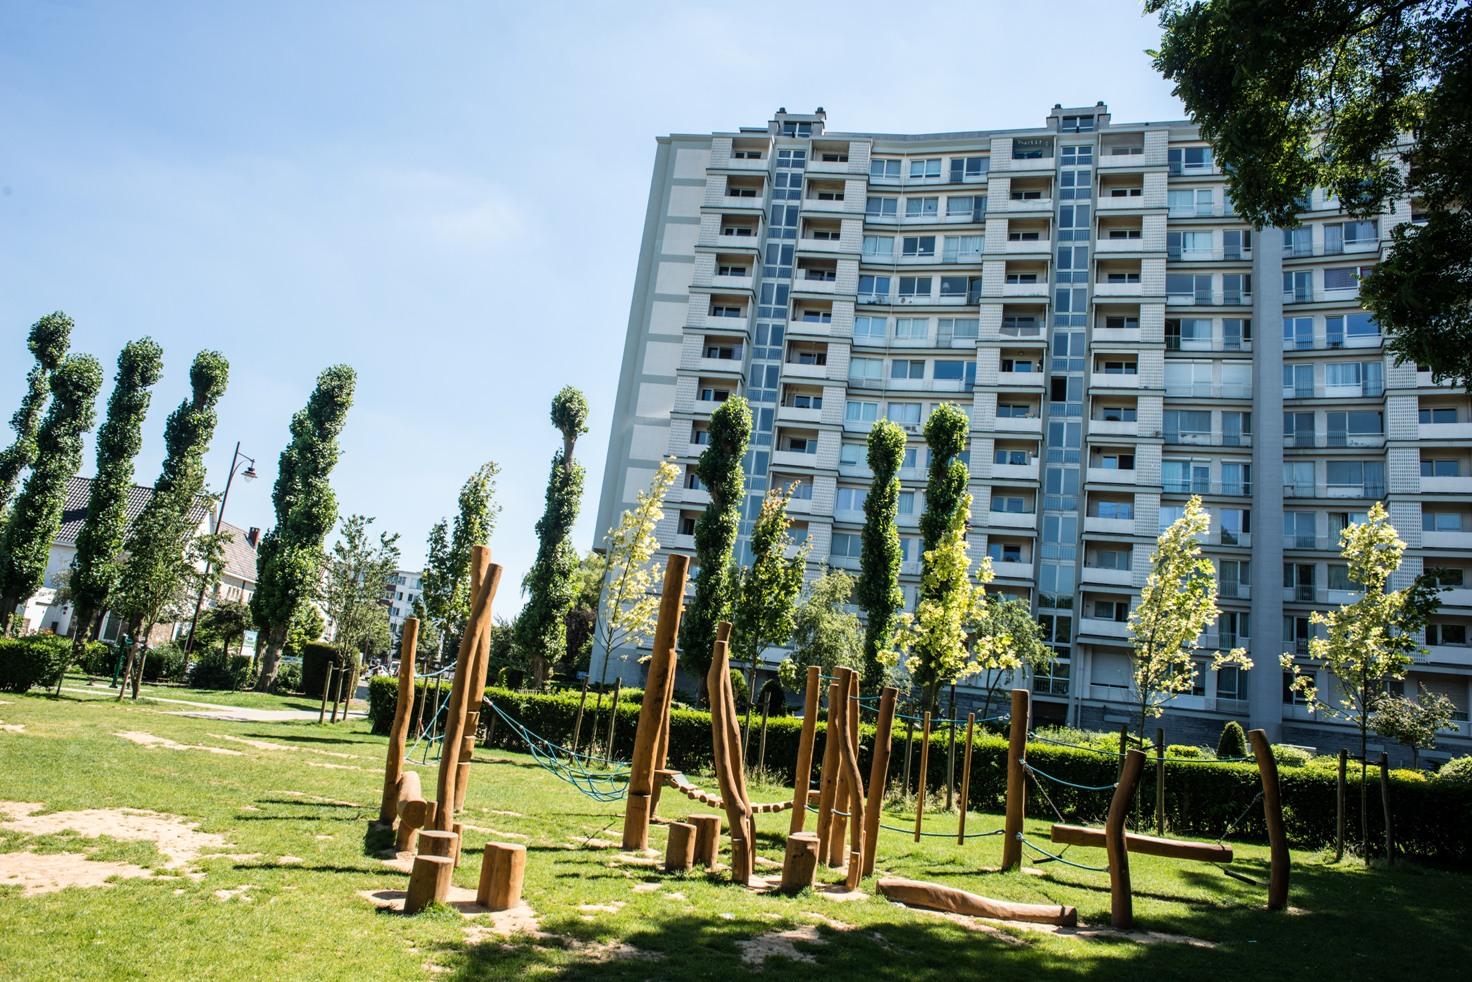 Cité Jardins